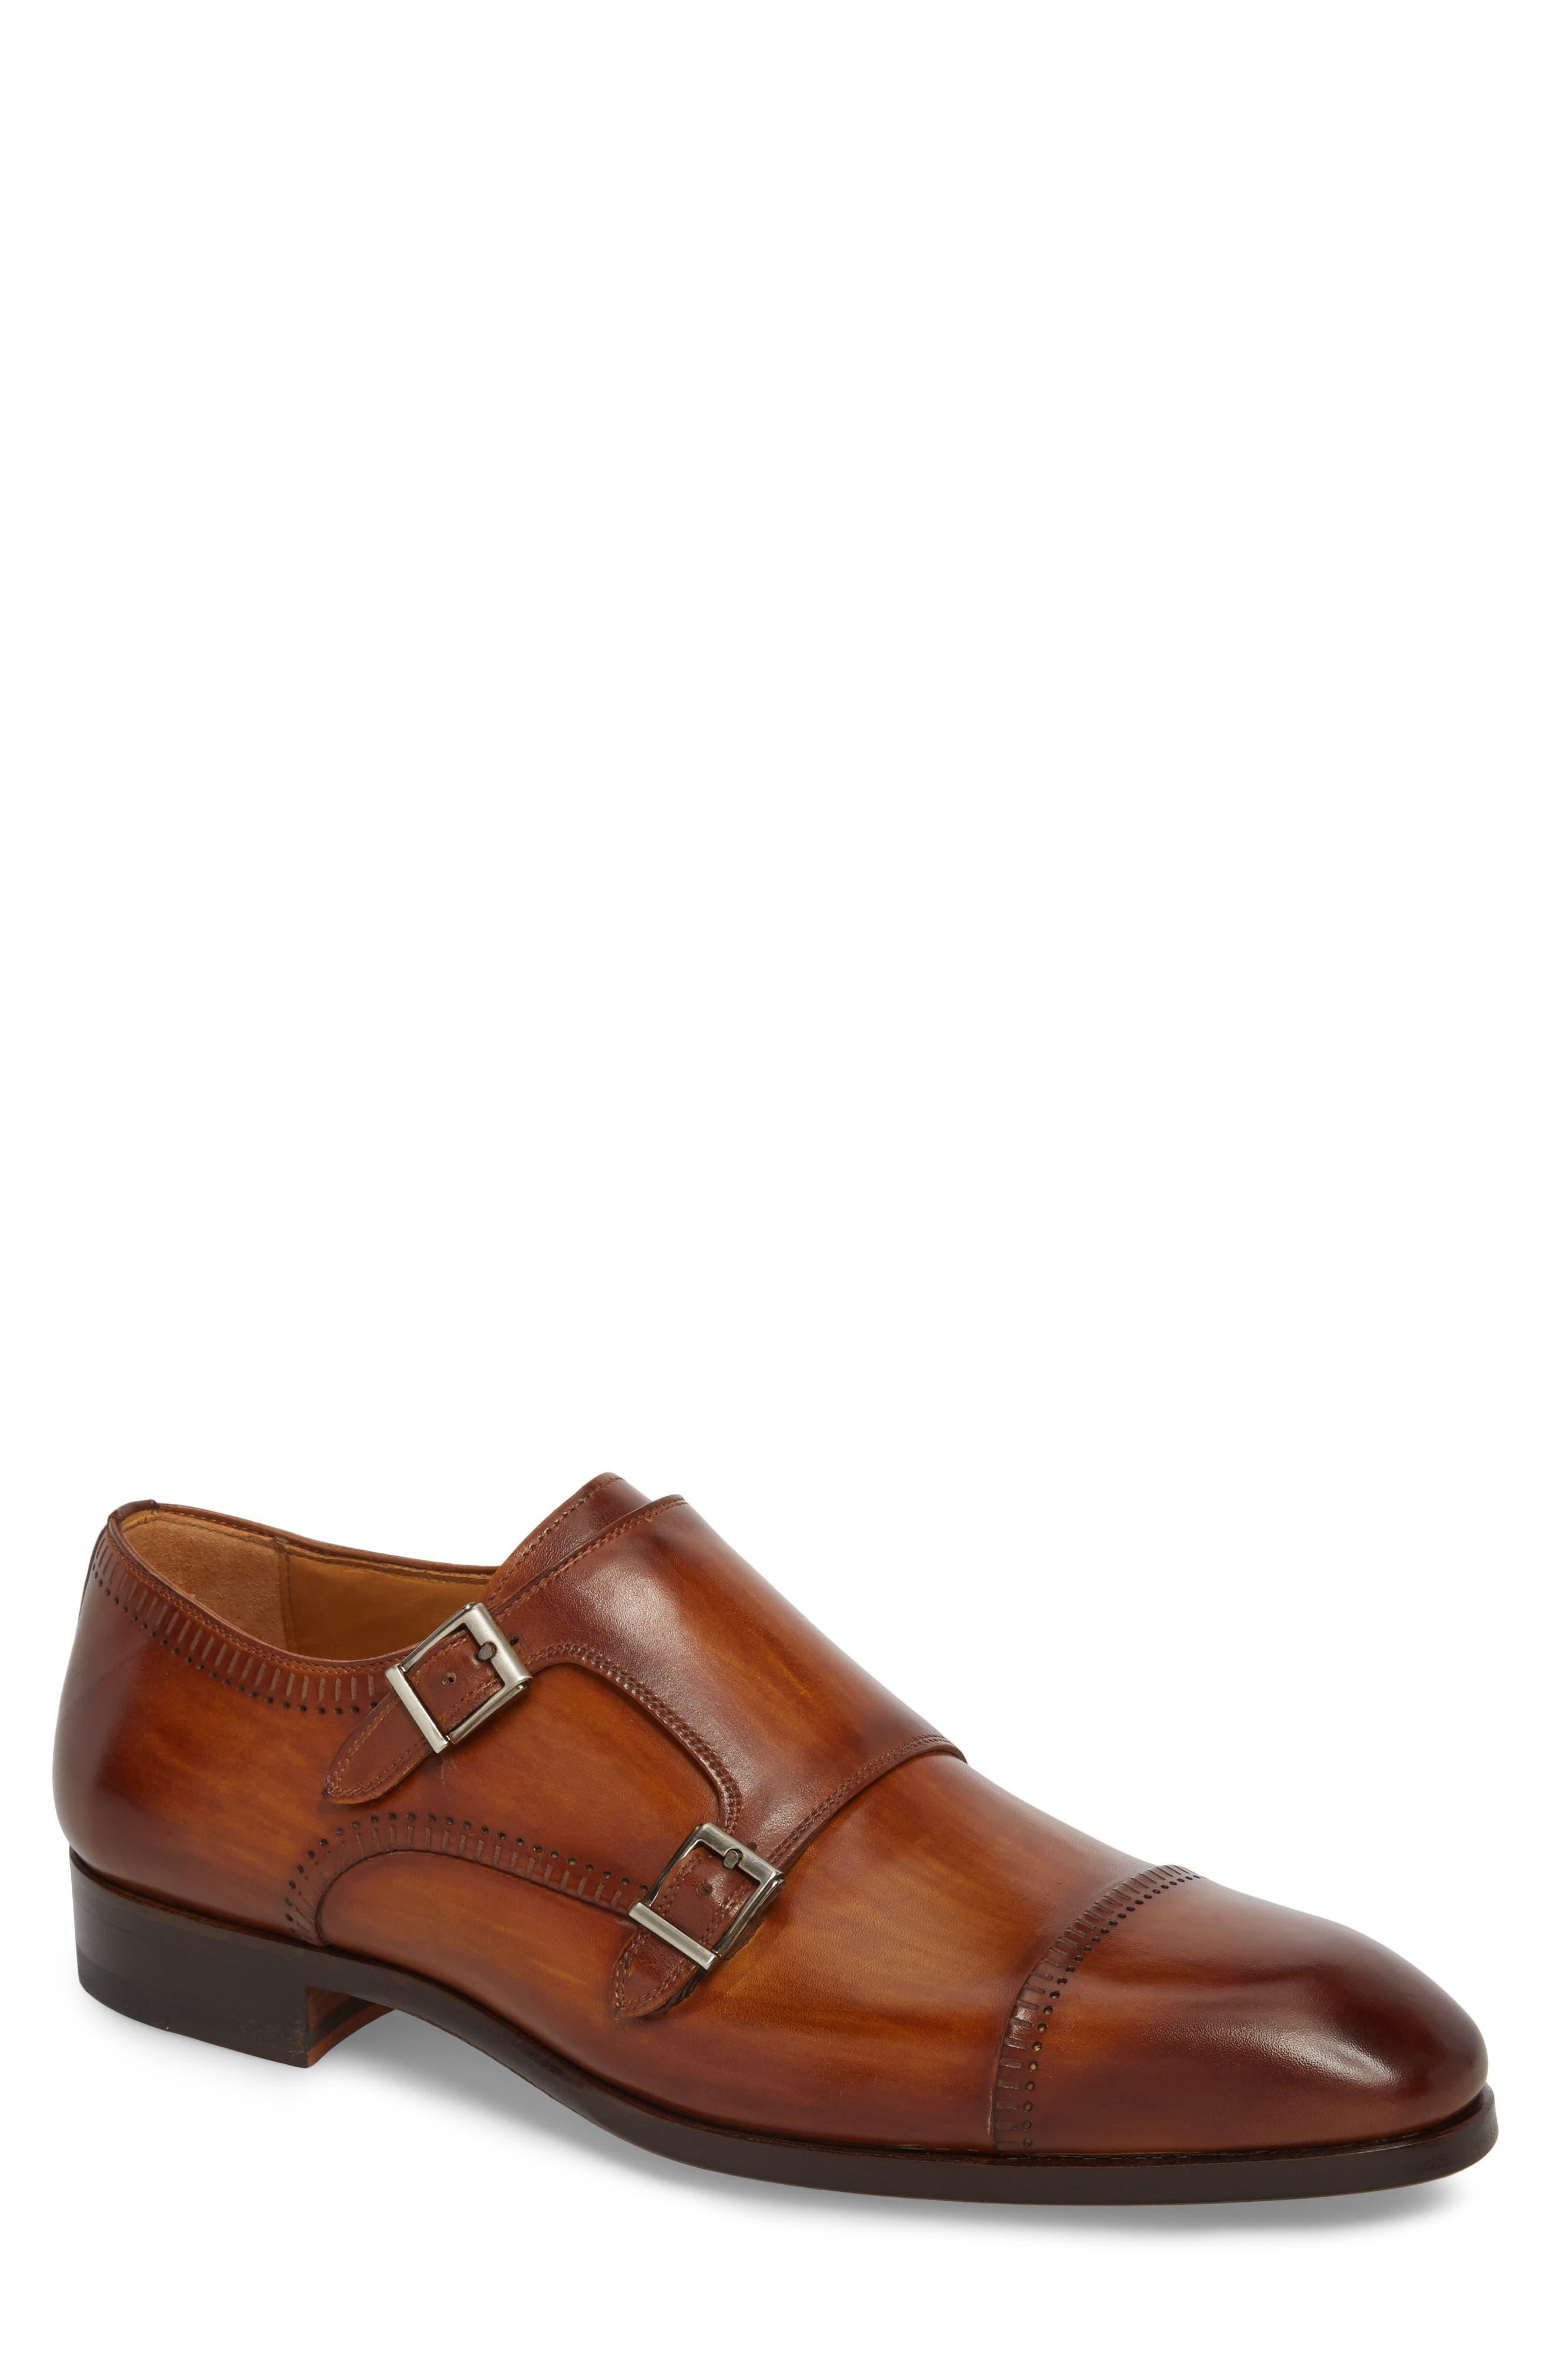 Magnanni Azteca Double Buckle Monk Shoe (Men)